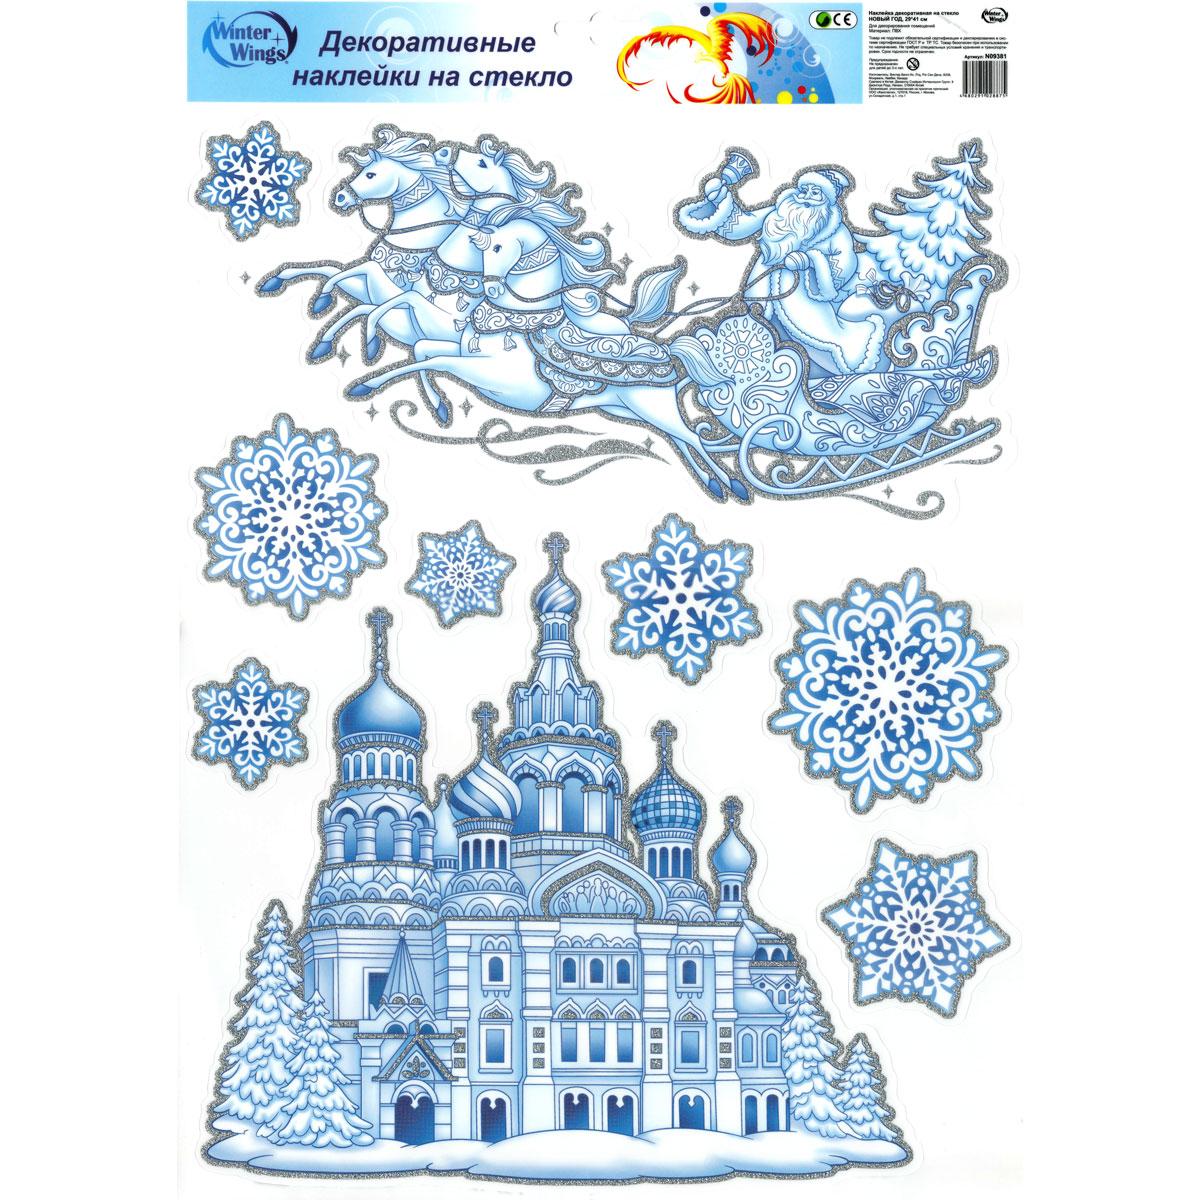 Наклейка декоративная Winter Wings Новый год, на стекло, 29 х 41 см. N09381N09381Наклейка декоаративная на стекло НОВЫЙ ГОД, 29*41 см, ПВХ